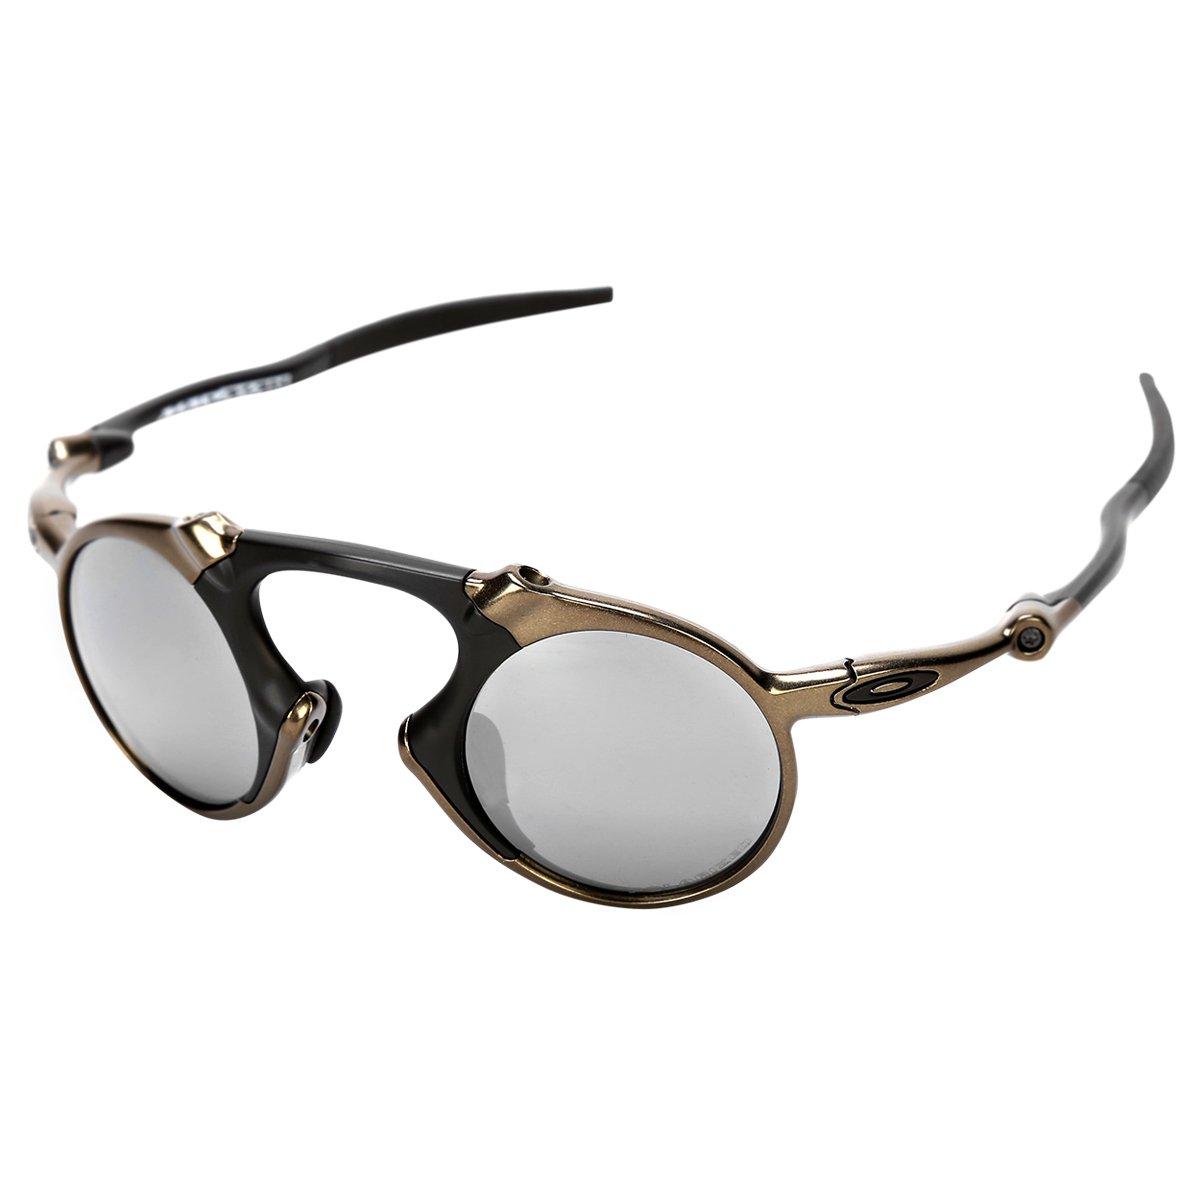 c517a00ba88cb Óculos de Sol Oakley Madman Iridium - Compre Agora